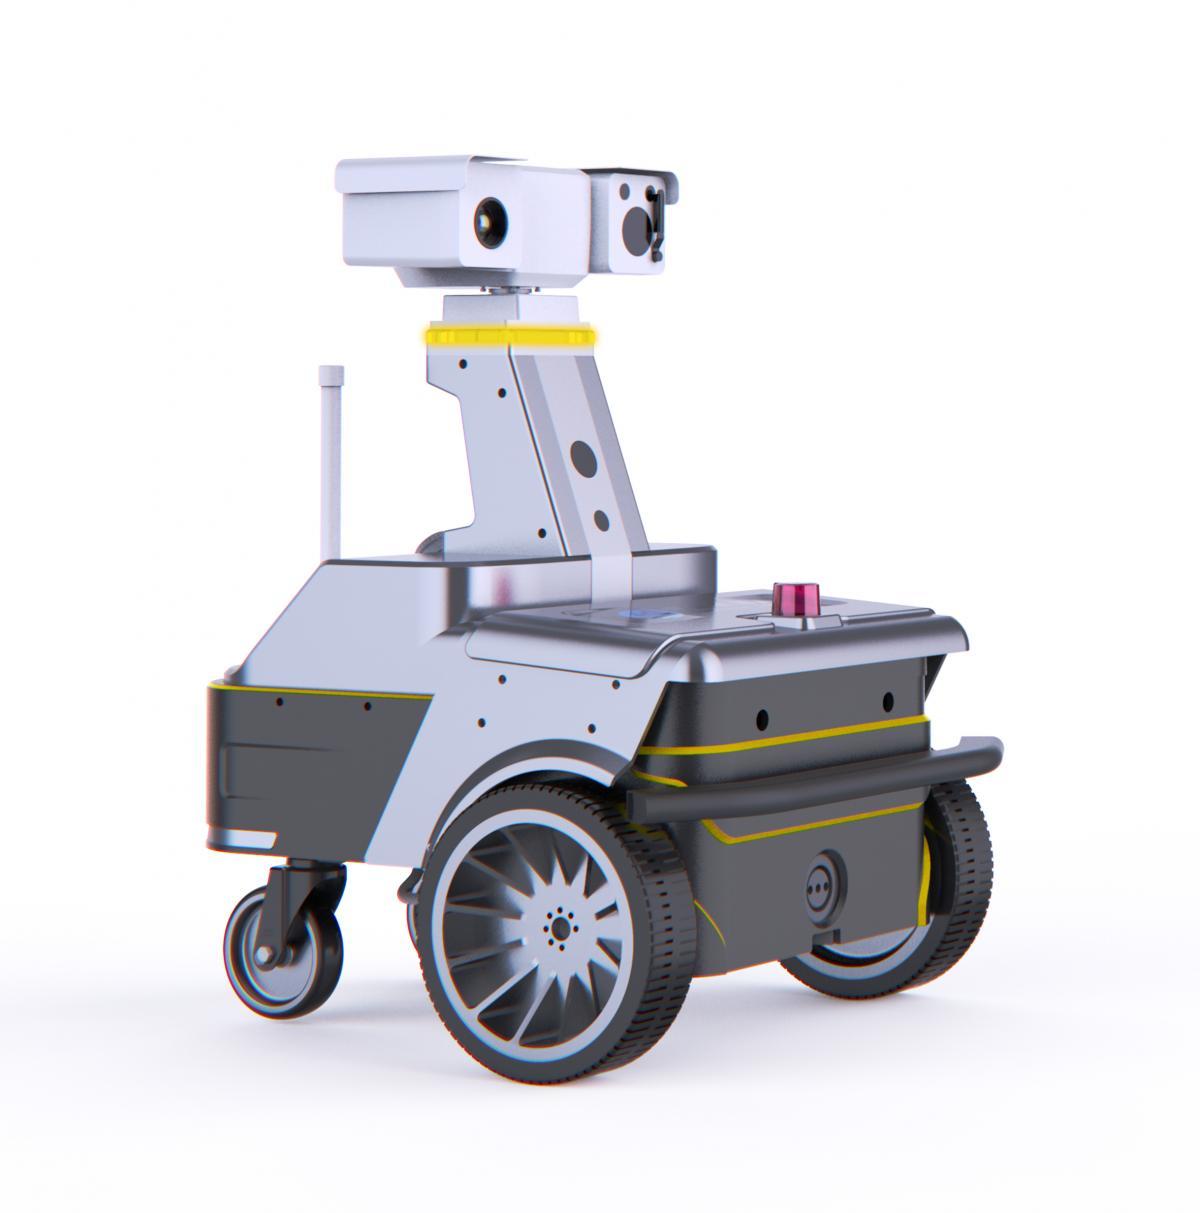 智能巡检机器人的功能特点